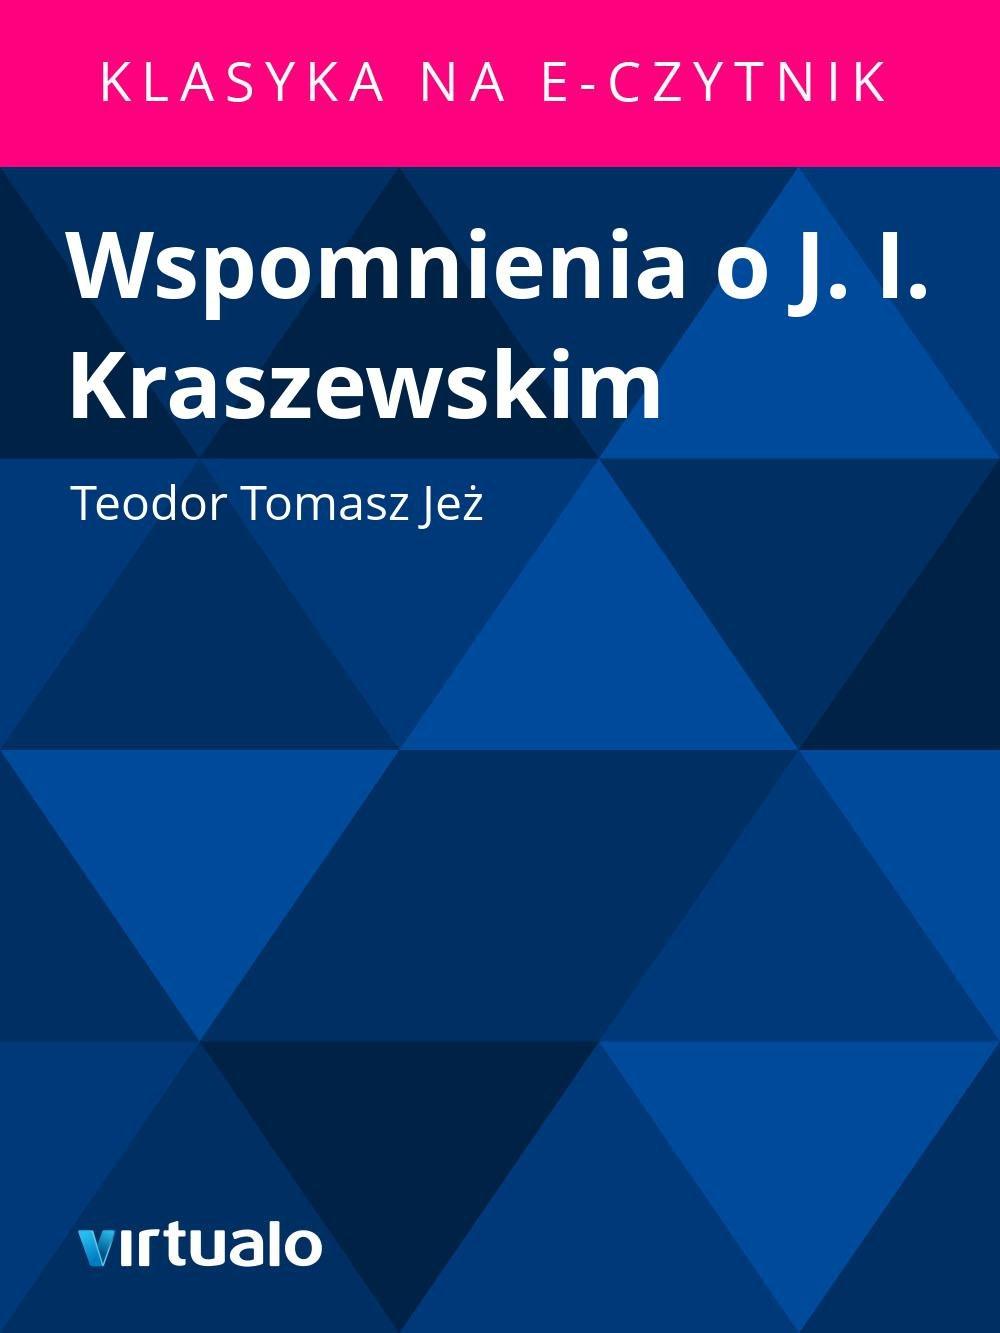 Wspomnienia o J. I. Kraszewskim - Ebook (Książka EPUB) do pobrania w formacie EPUB